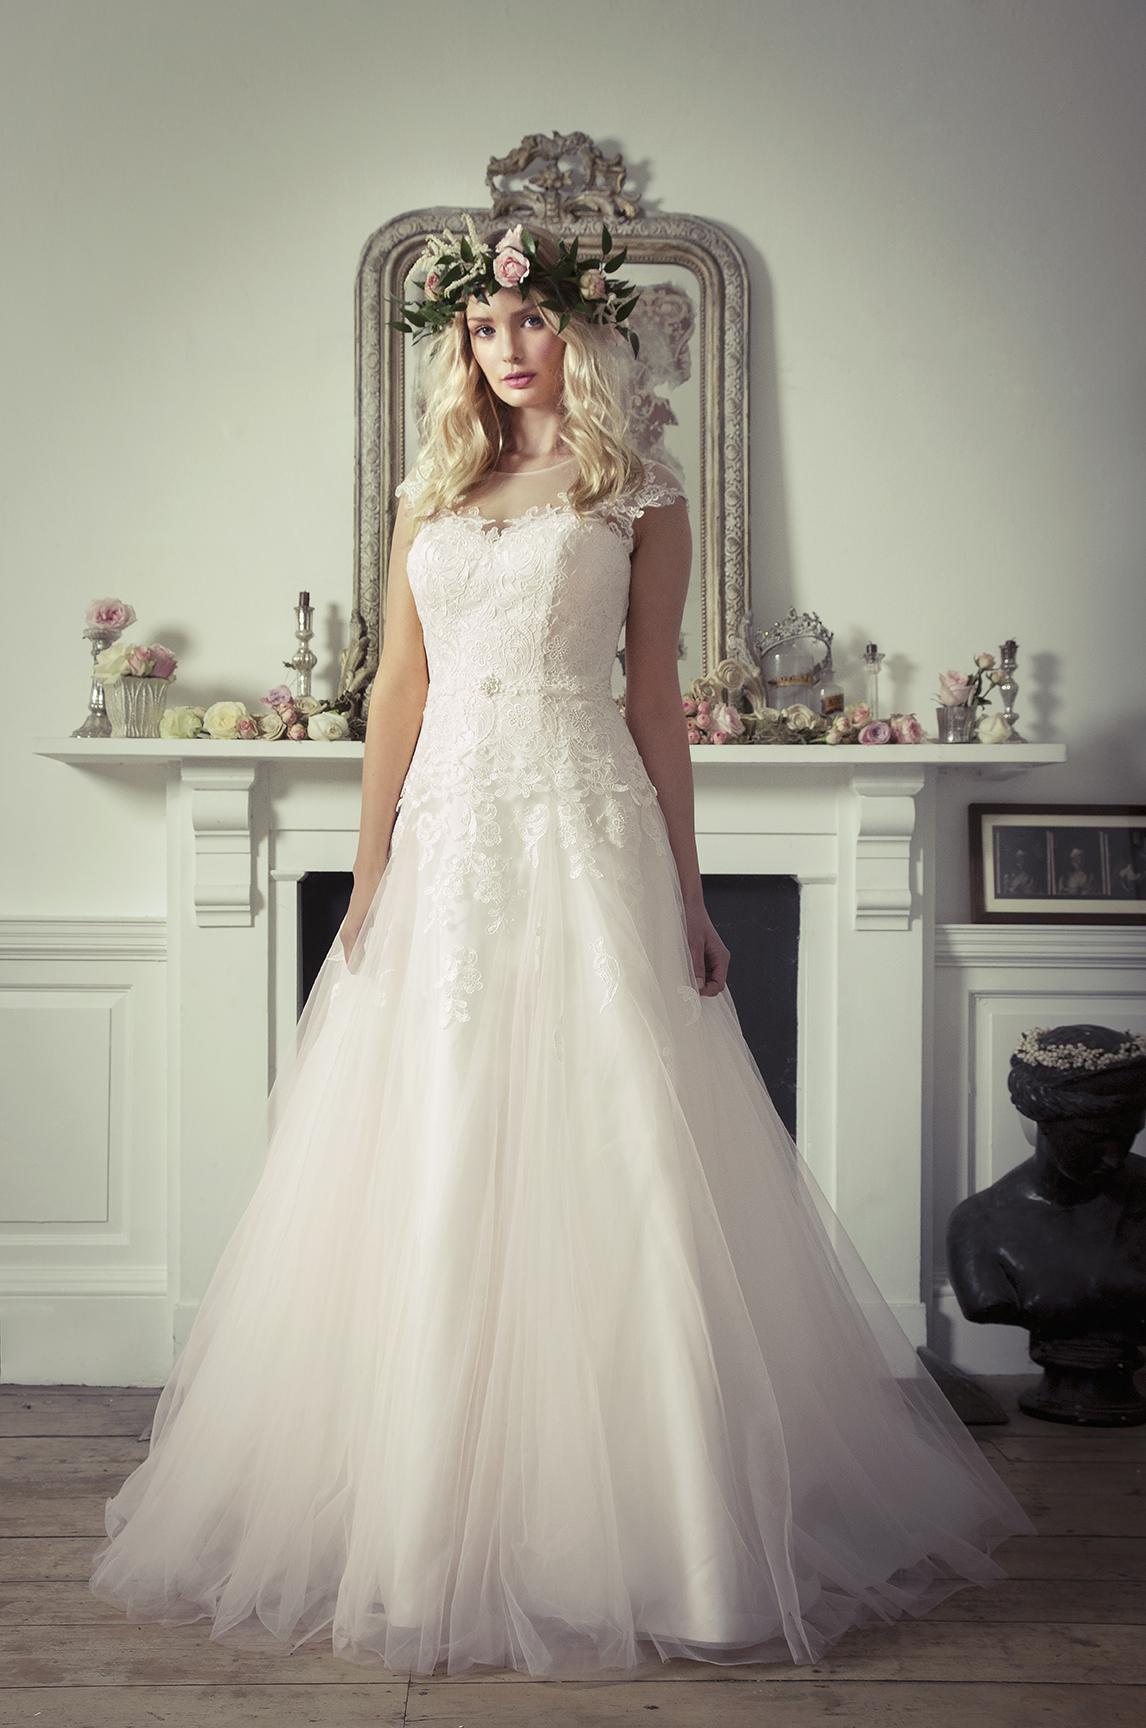 مجموعة فساتين زفاف متنوعة CB-Lainey-5018